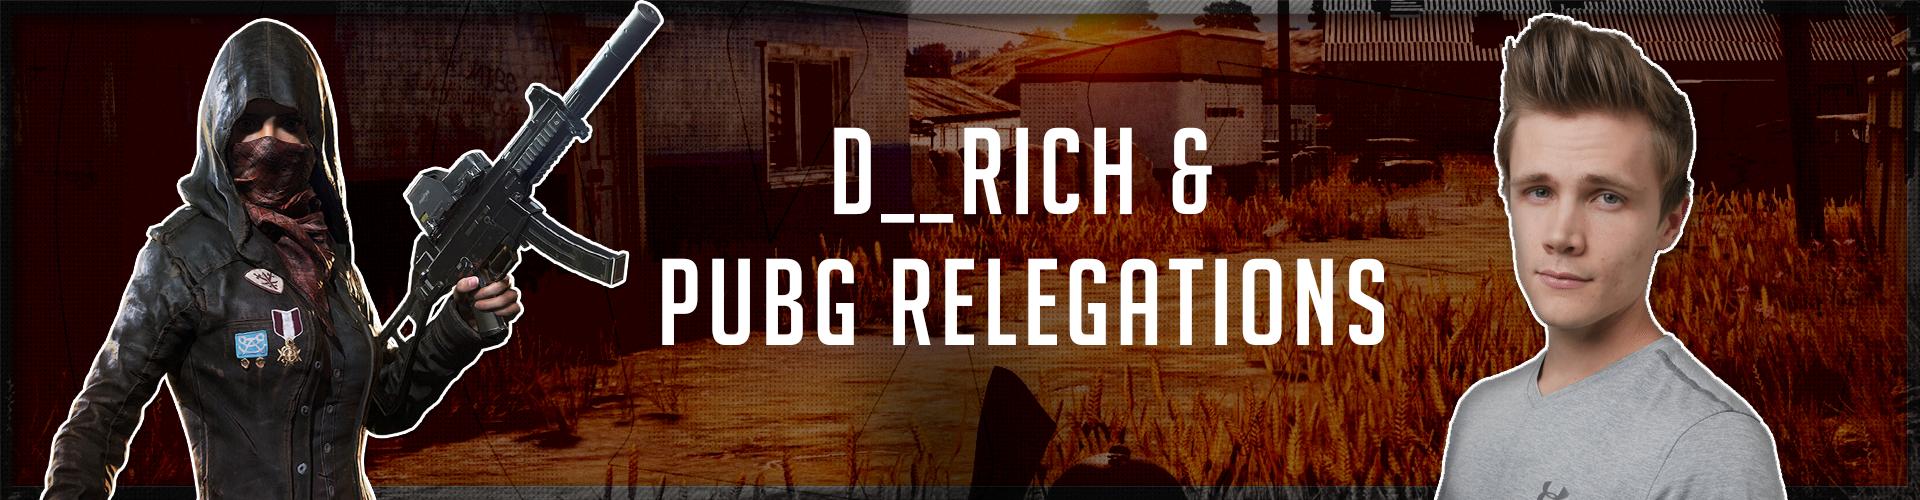 D__Rich & PUBG Relegations